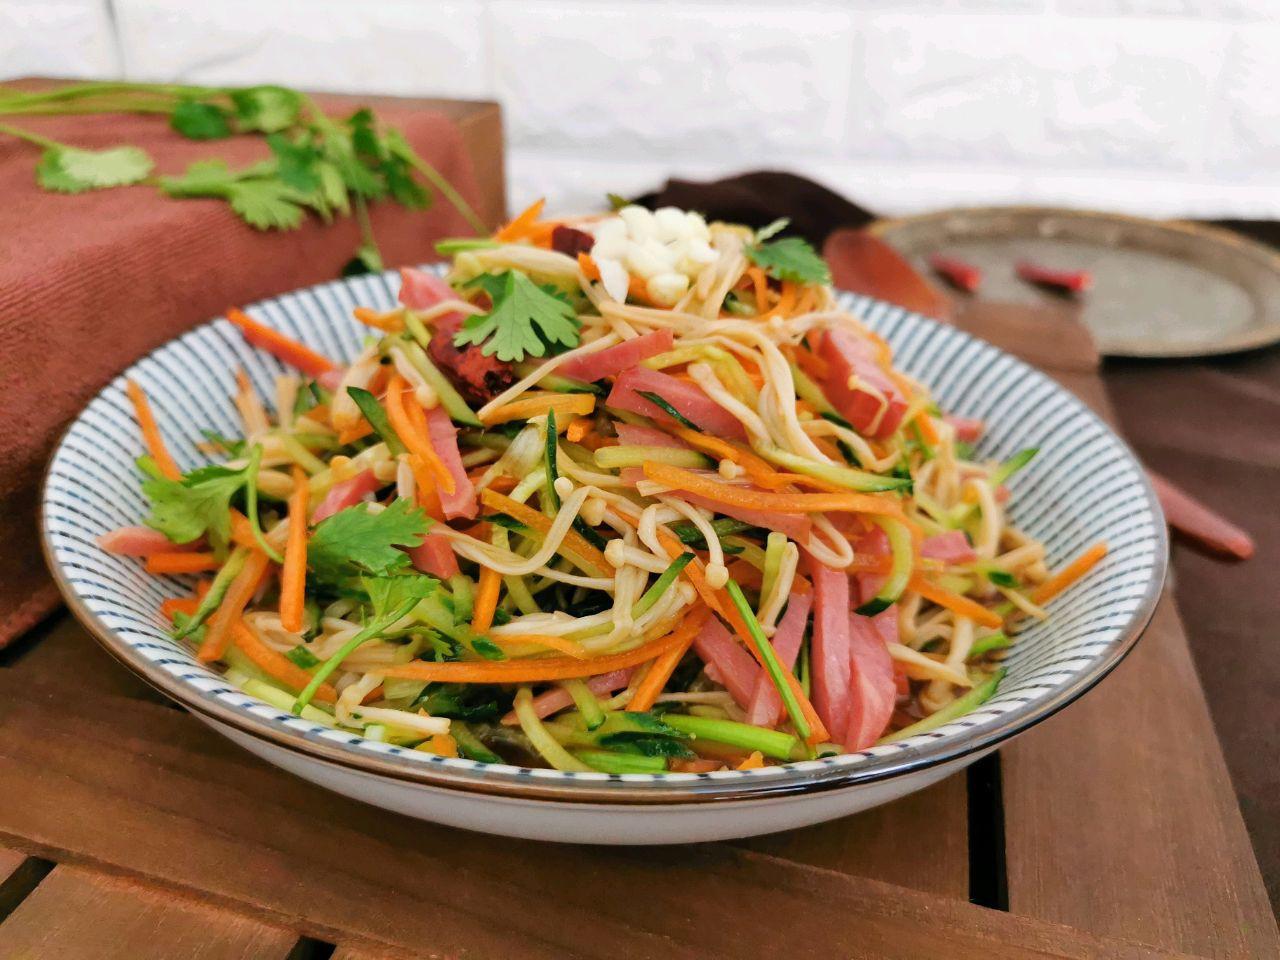 Cách làm món nấm trộn ngon xuất sắc, vừa ngon lại giúp giảm cân nhanh chóng